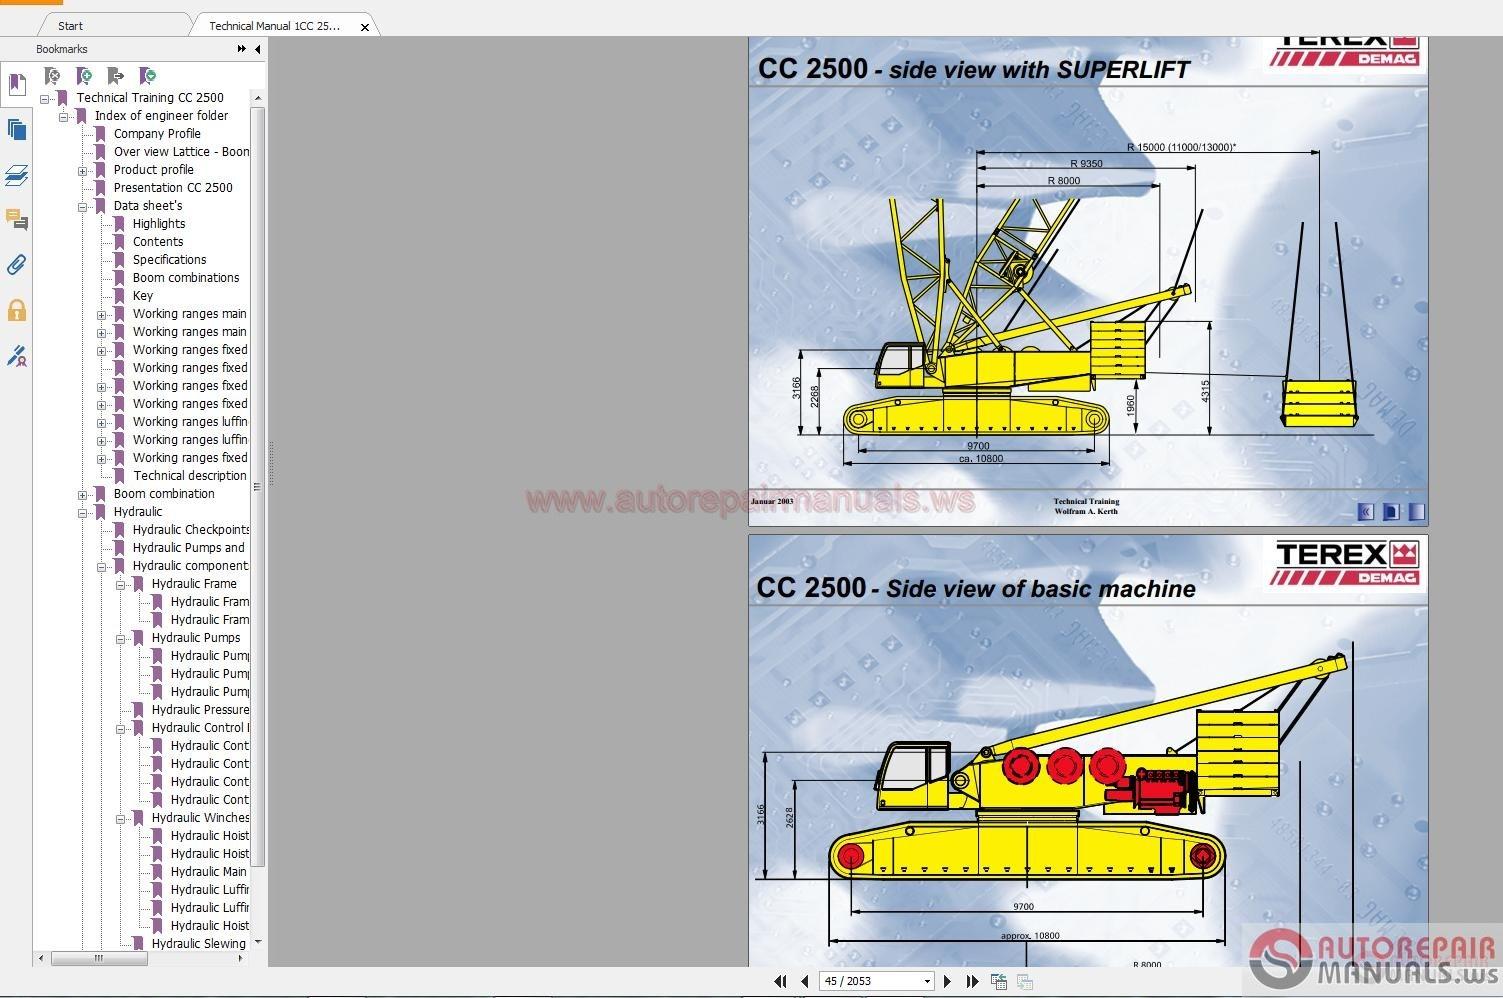 Terex rt 450 service manual